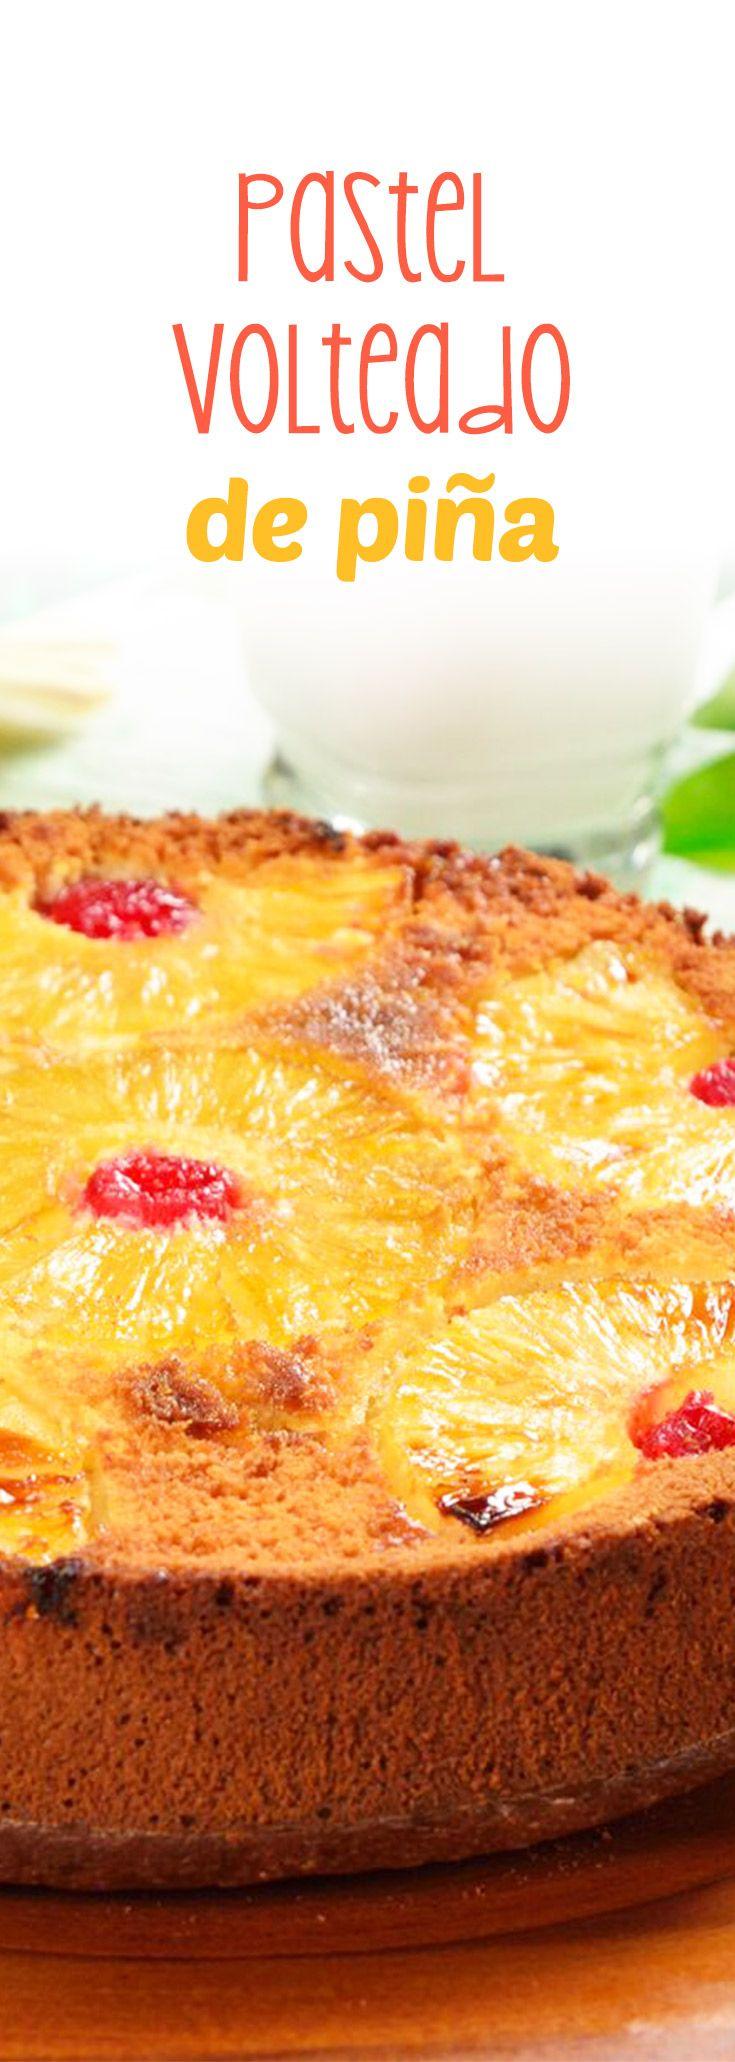 Este pastel de piña te recordará a los postres de la abuela. Delicioso bizcocho de vainilla con piñas caramelizadas con mantequilla ya azúcar mascabado. Ideal para una tarde de café con las amigas.